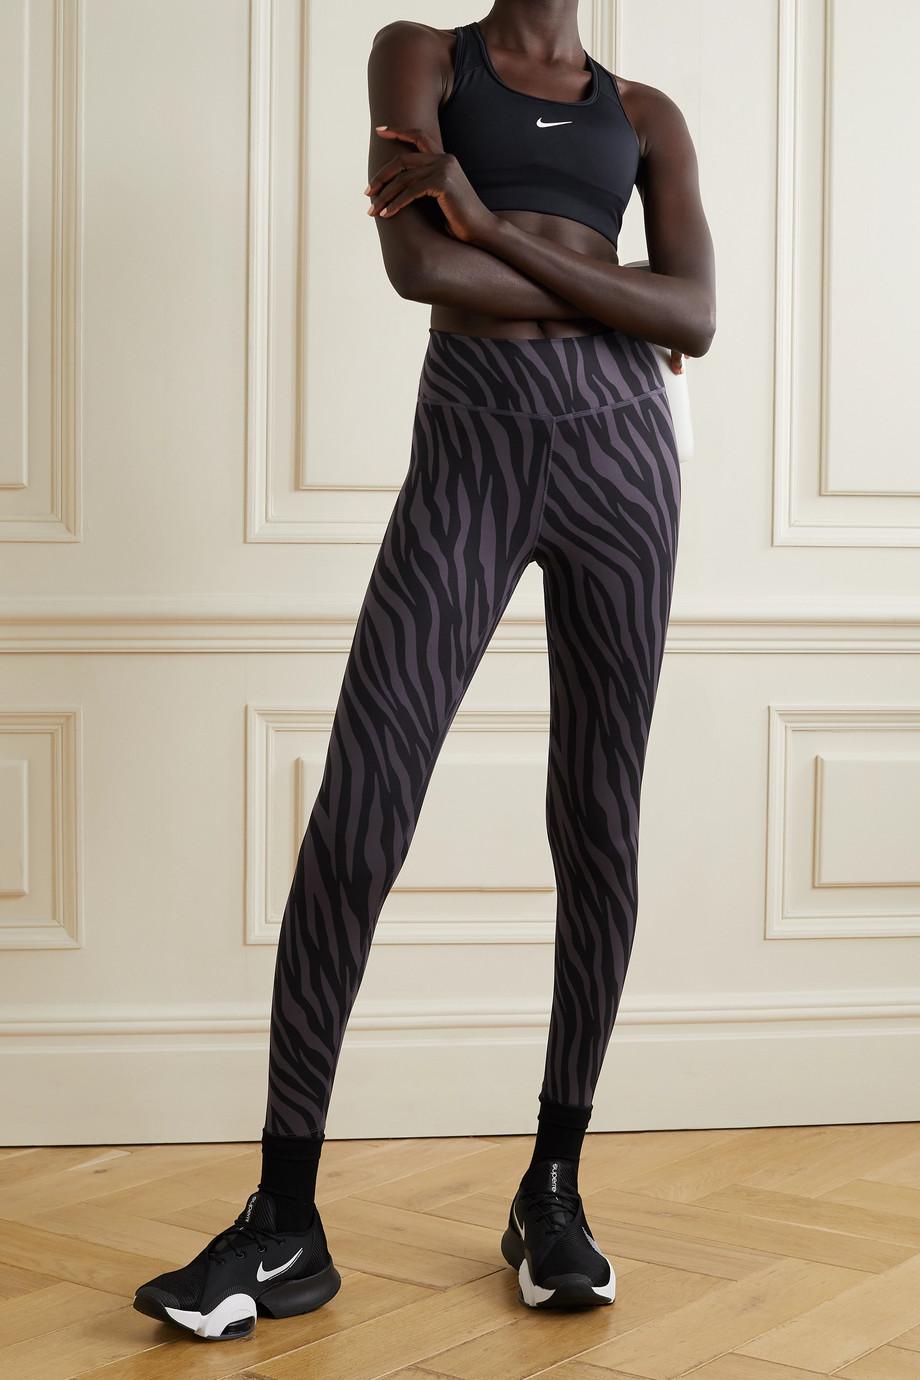 Nike One printed Dri-FIT leggings